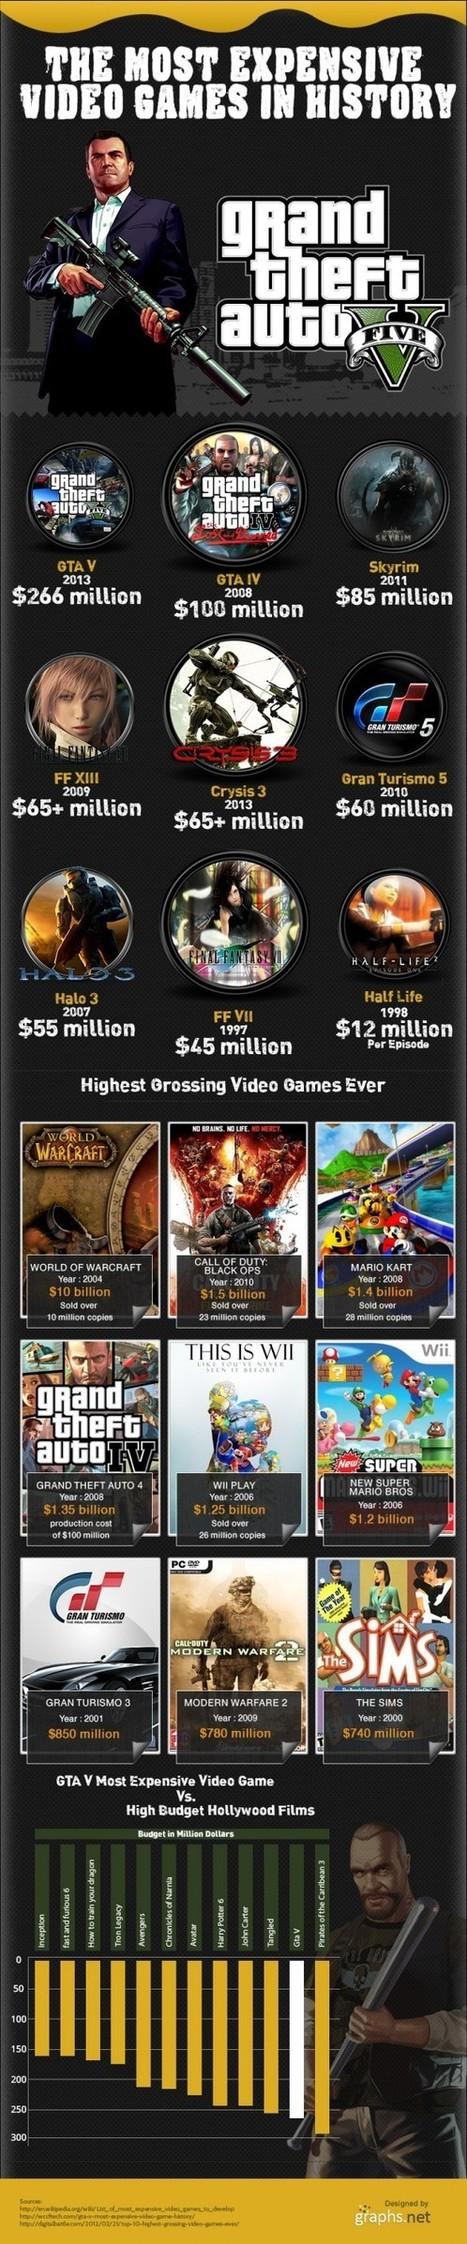 Los videojuegos más caros de la historia. | infografiando | Scoop.it